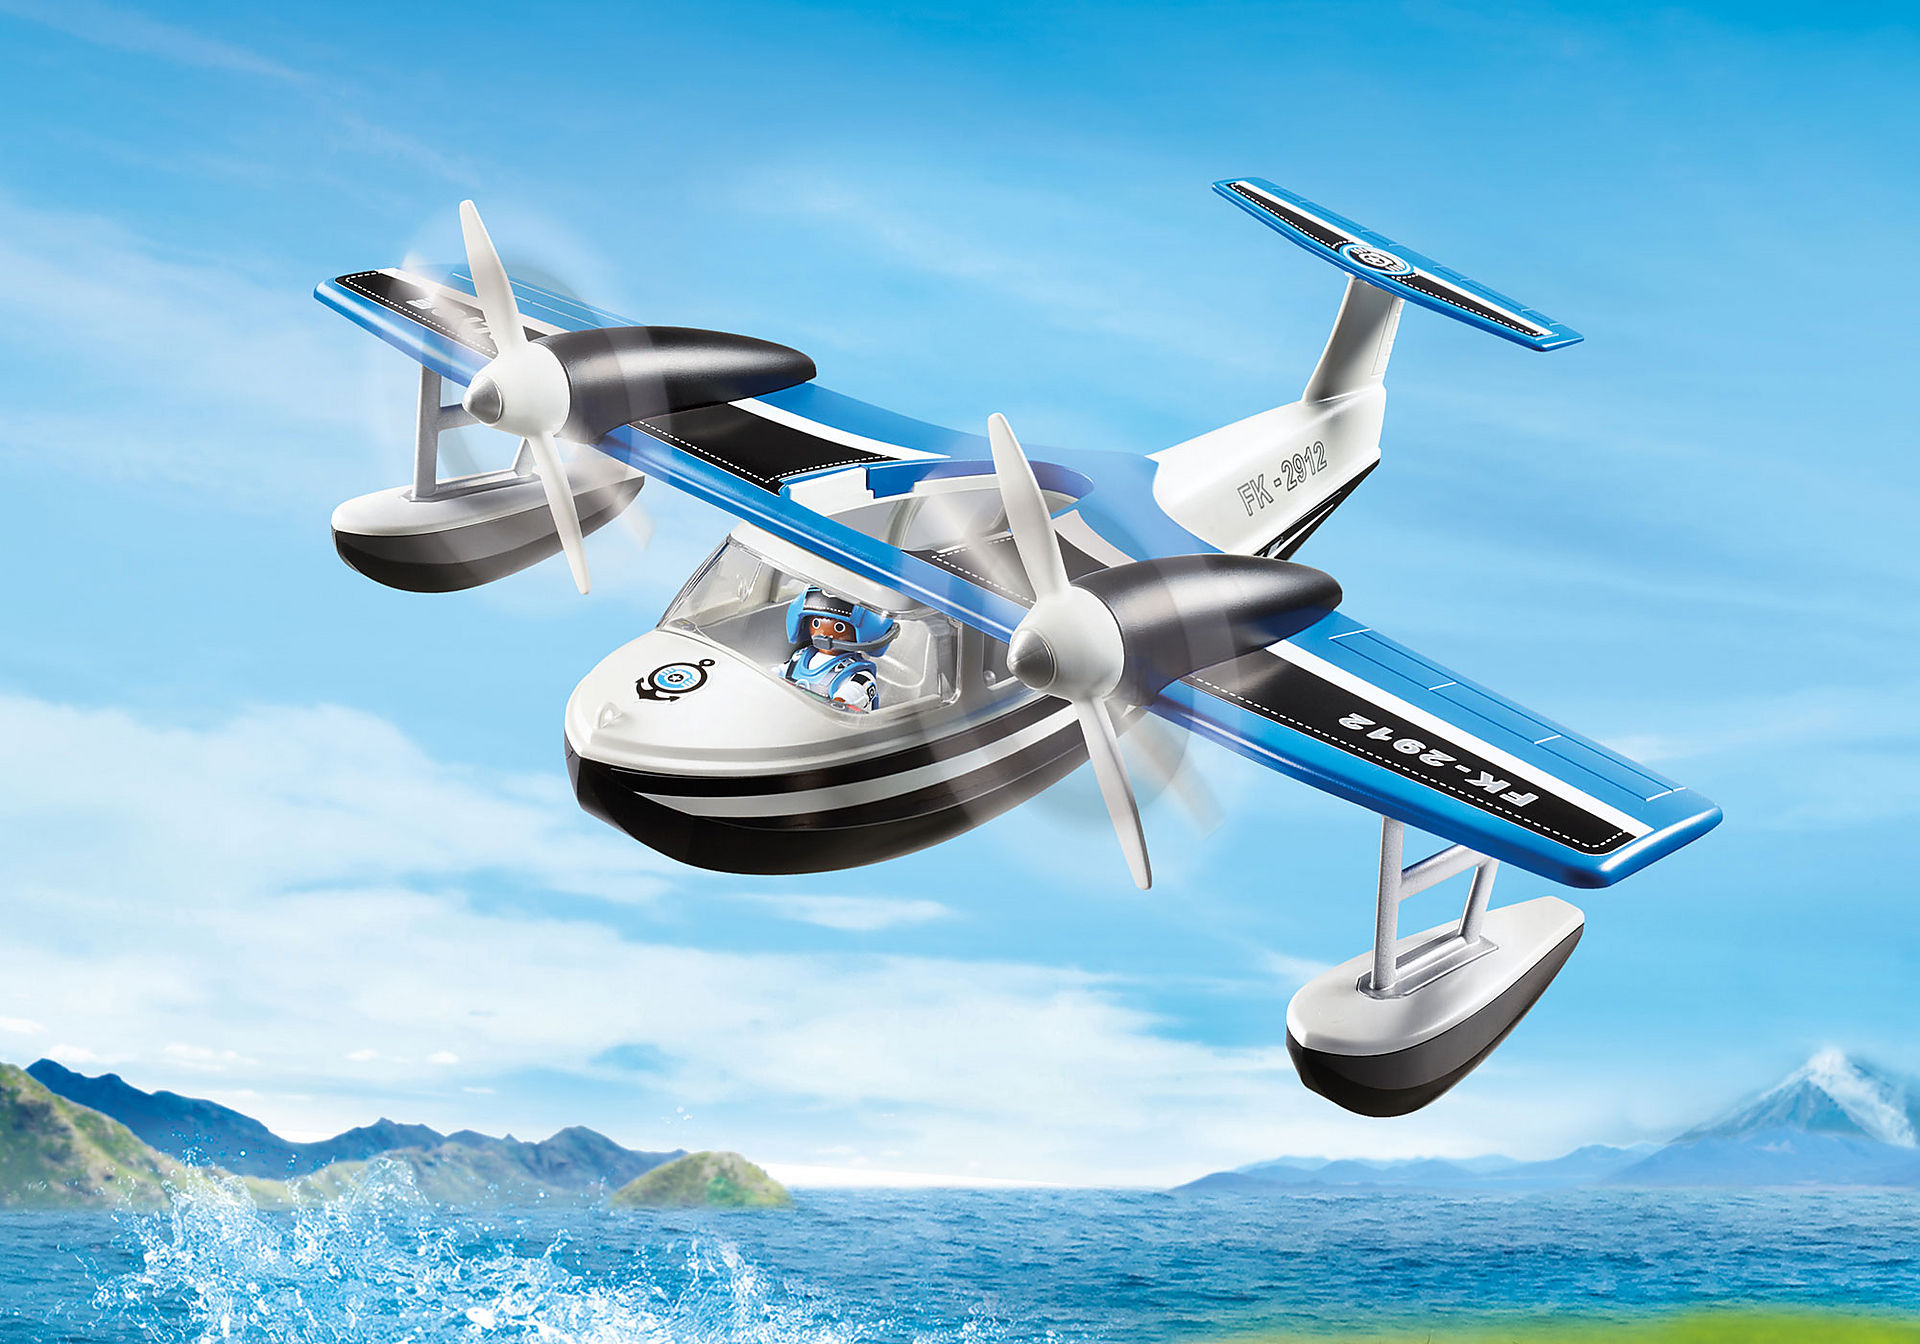 9436 Polizei-Wasserflugzeug zoom image1